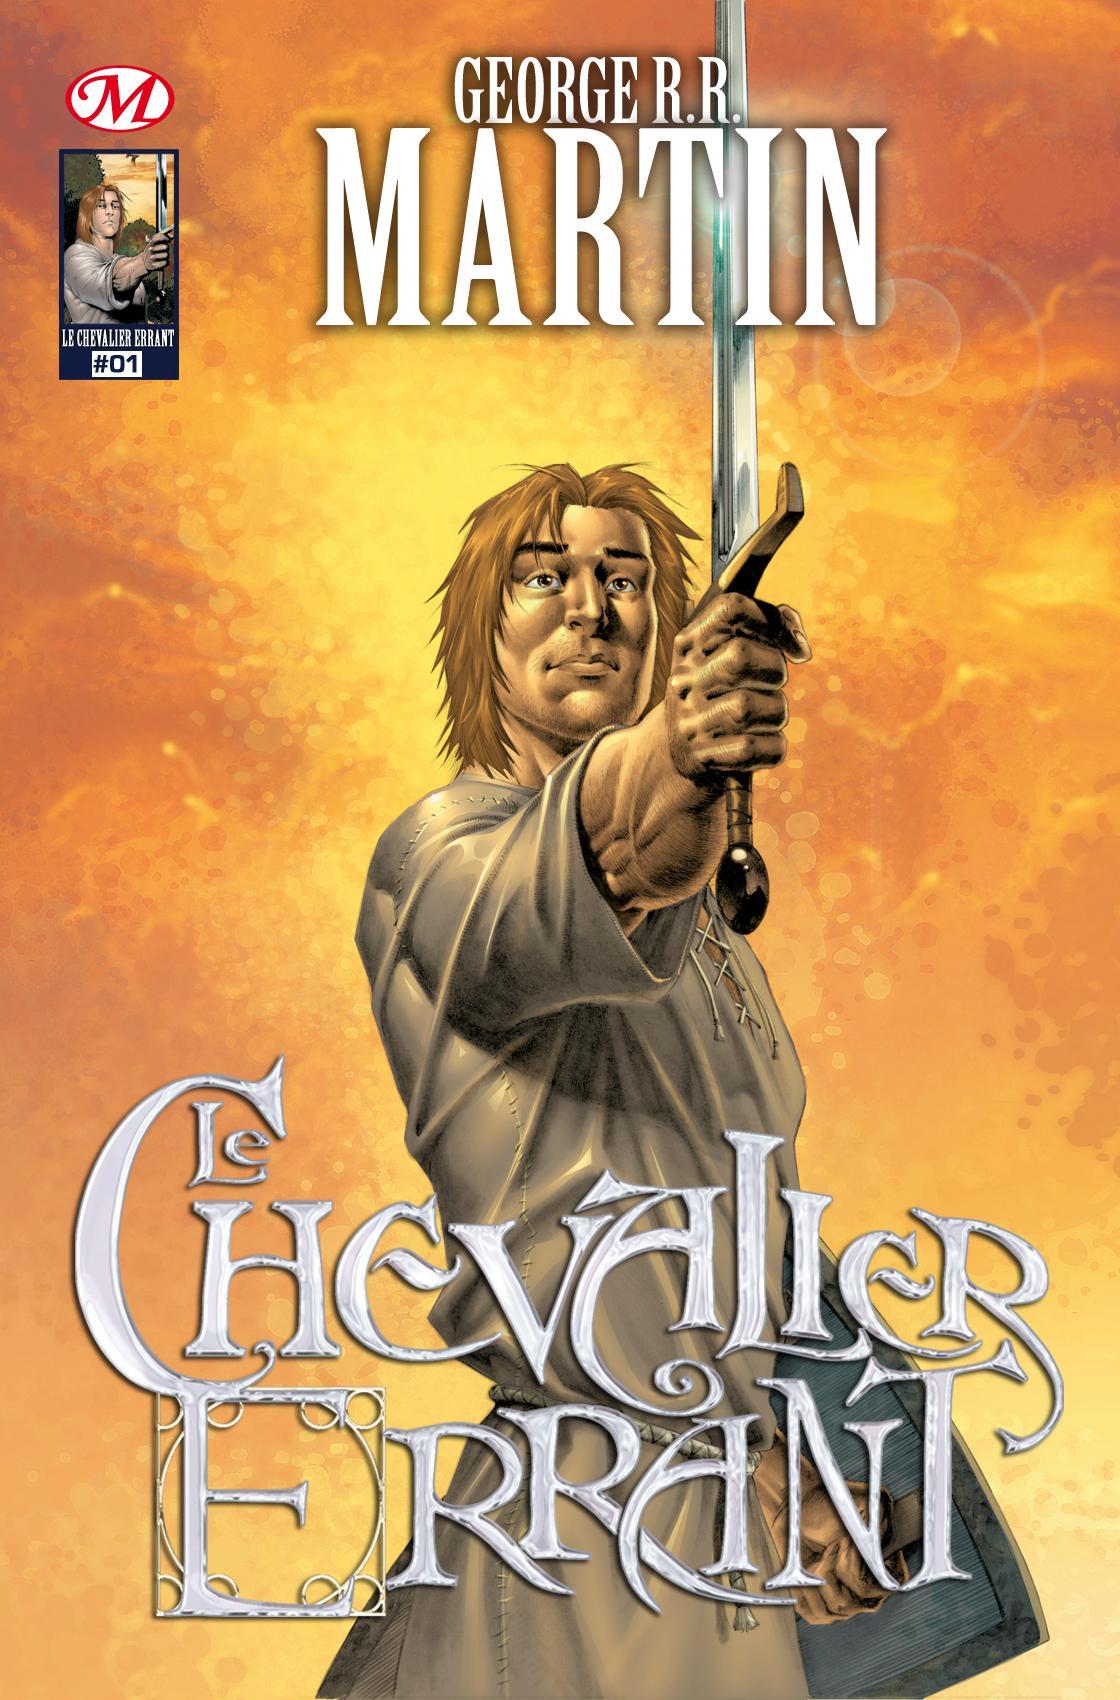 Le Trône de fer : Le Chevalier errant #1, LE TRÔNE DE FER, T0